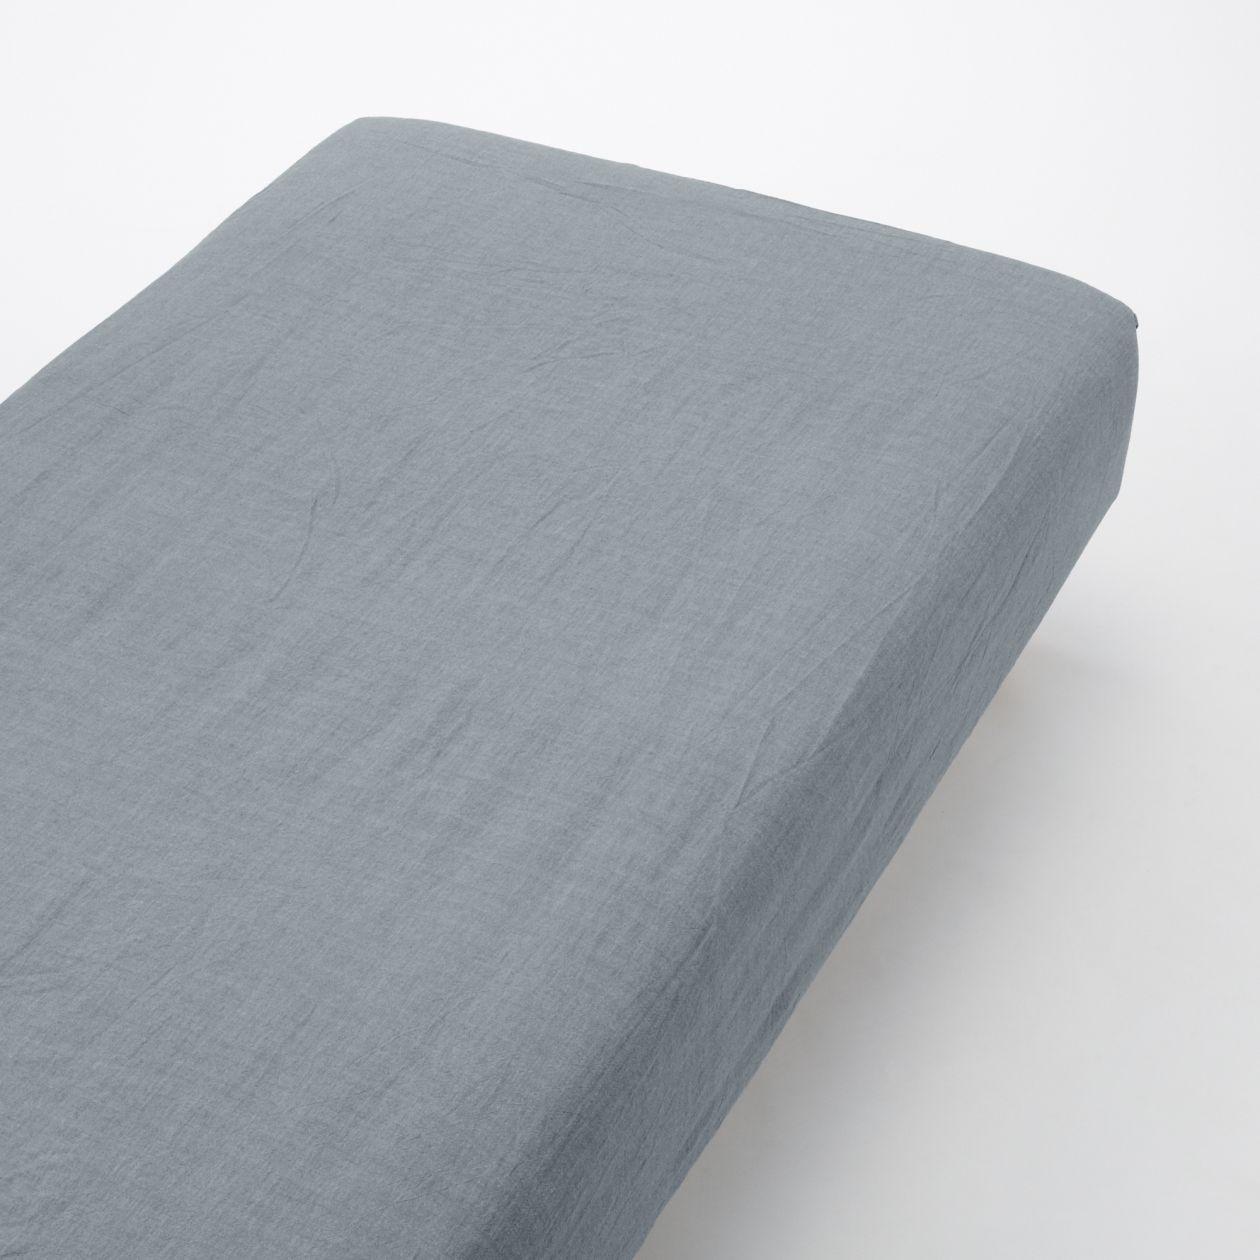 綿洗いざらしボックスシーツ・S/ネイビー